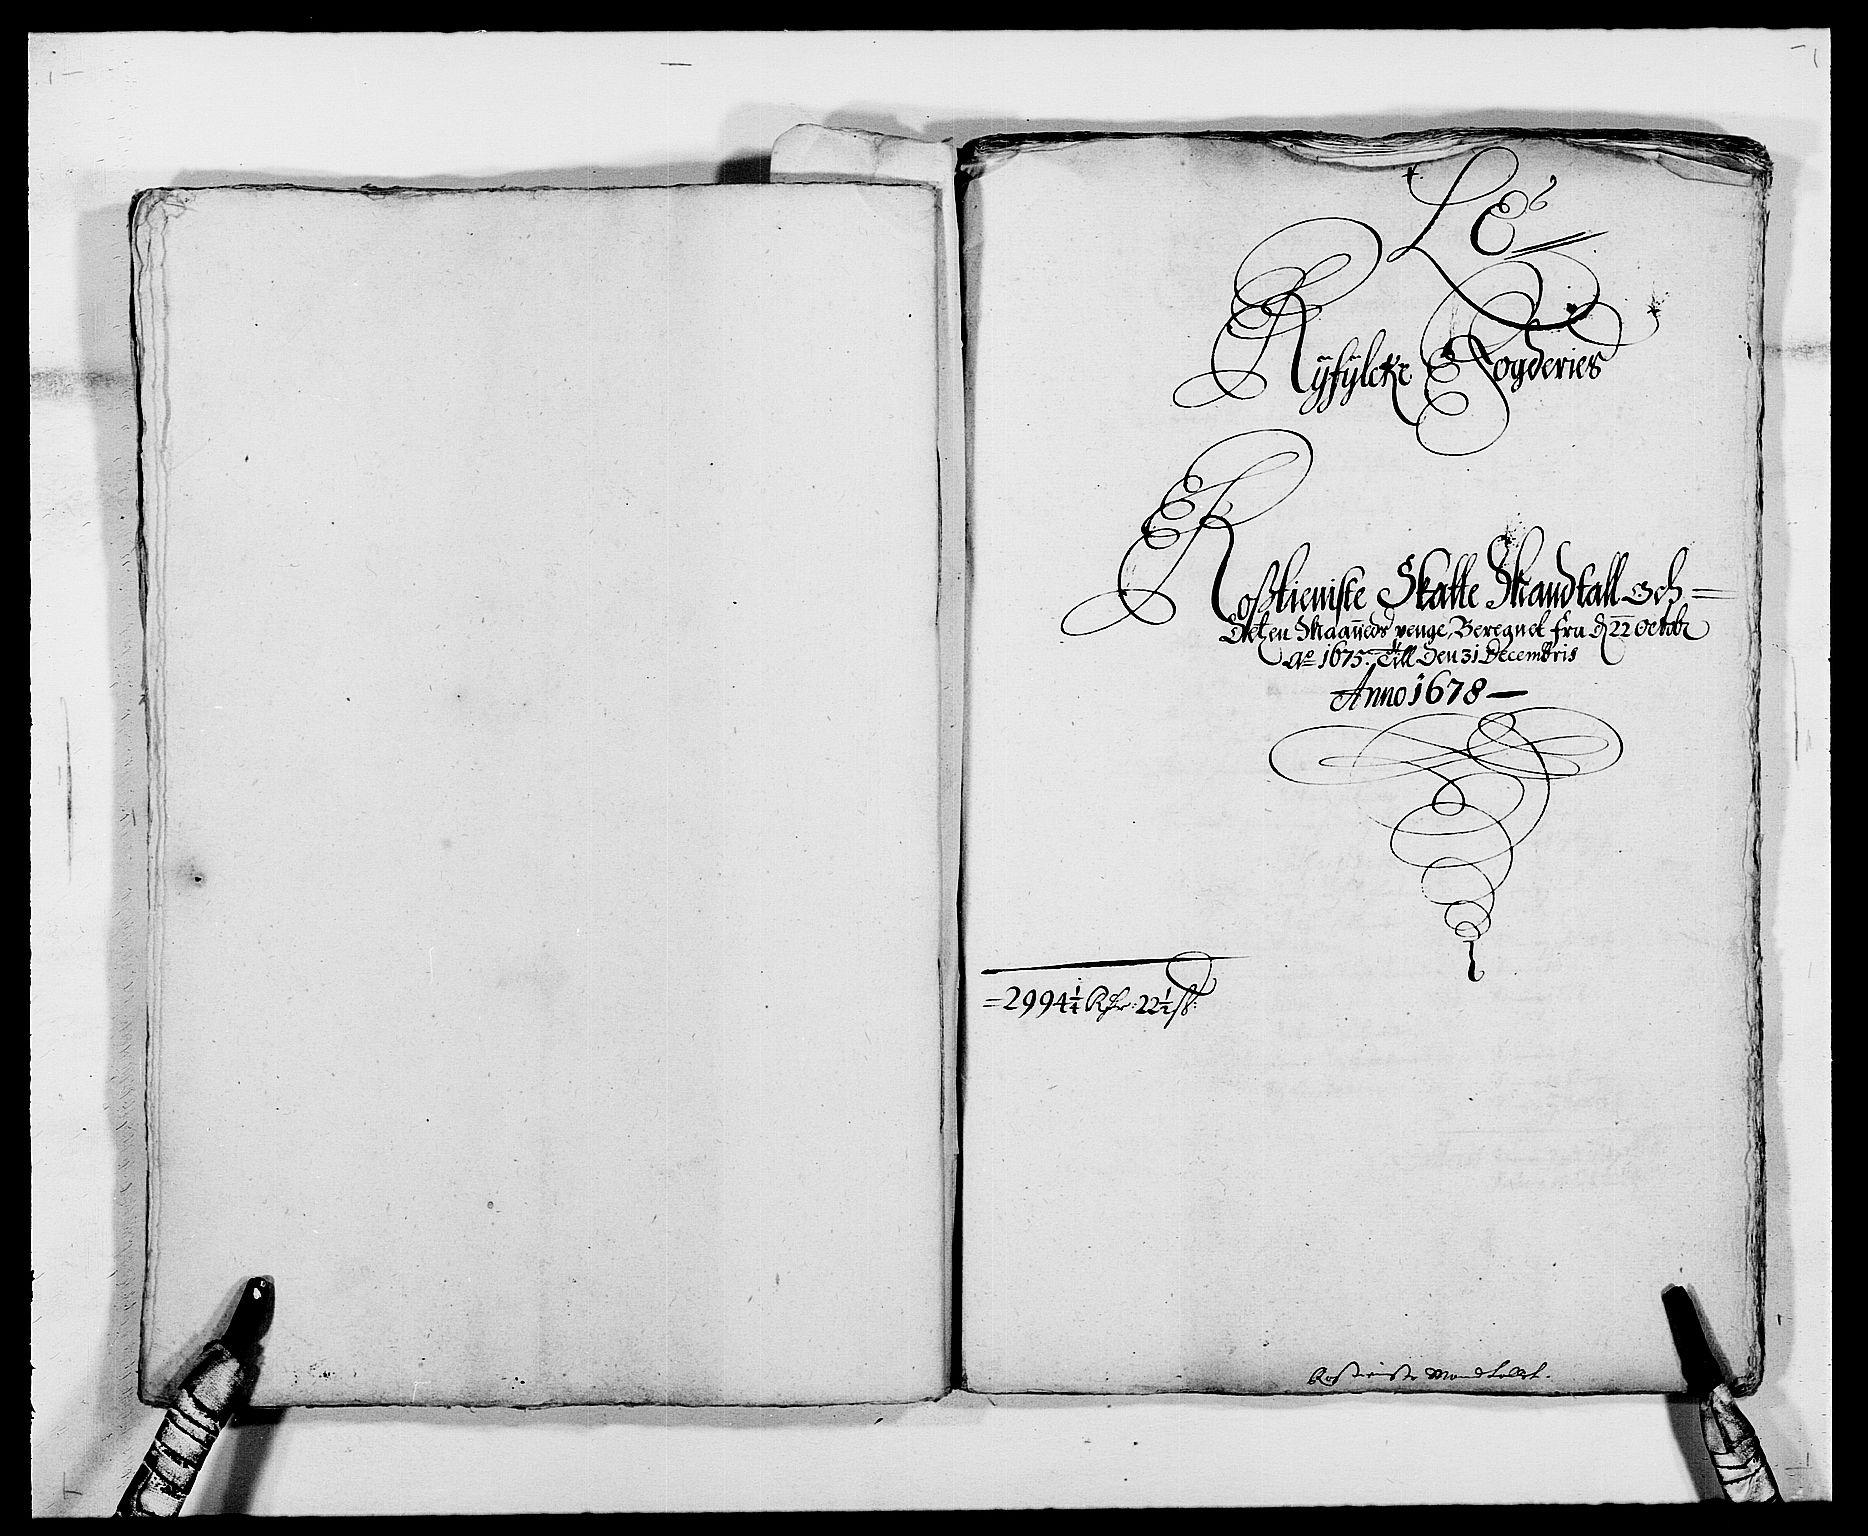 RA, Rentekammeret inntil 1814, Reviderte regnskaper, Fogderegnskap, R47/L2848: Fogderegnskap Ryfylke, 1678, s. 195